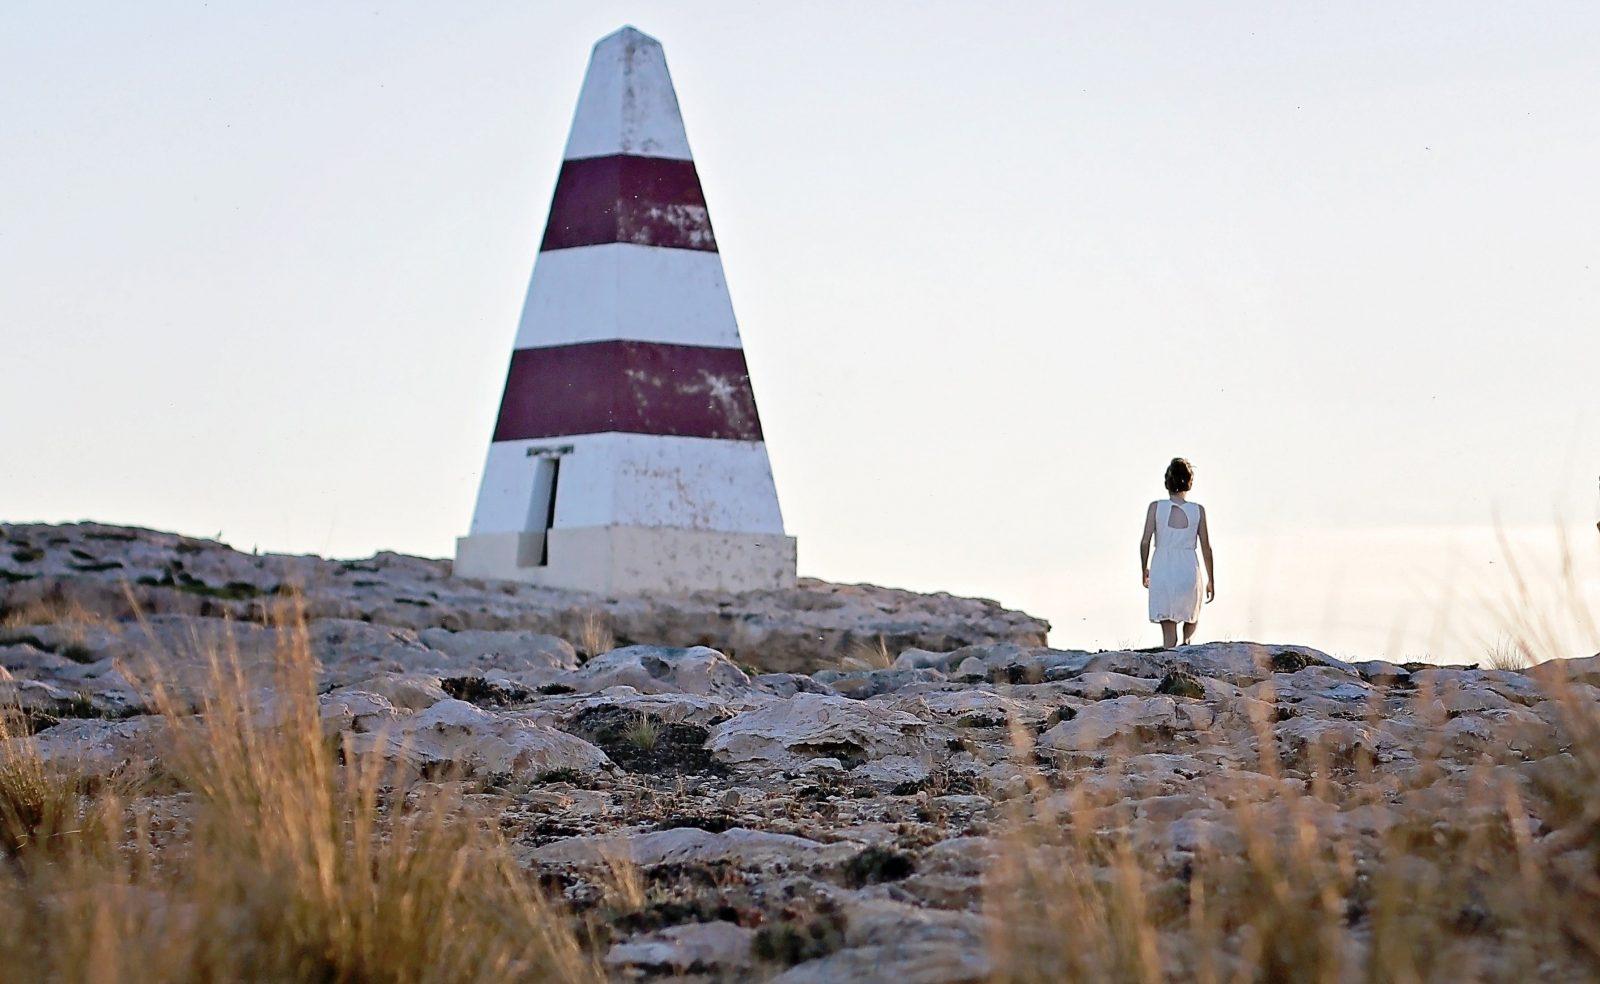 Robe Obelisk